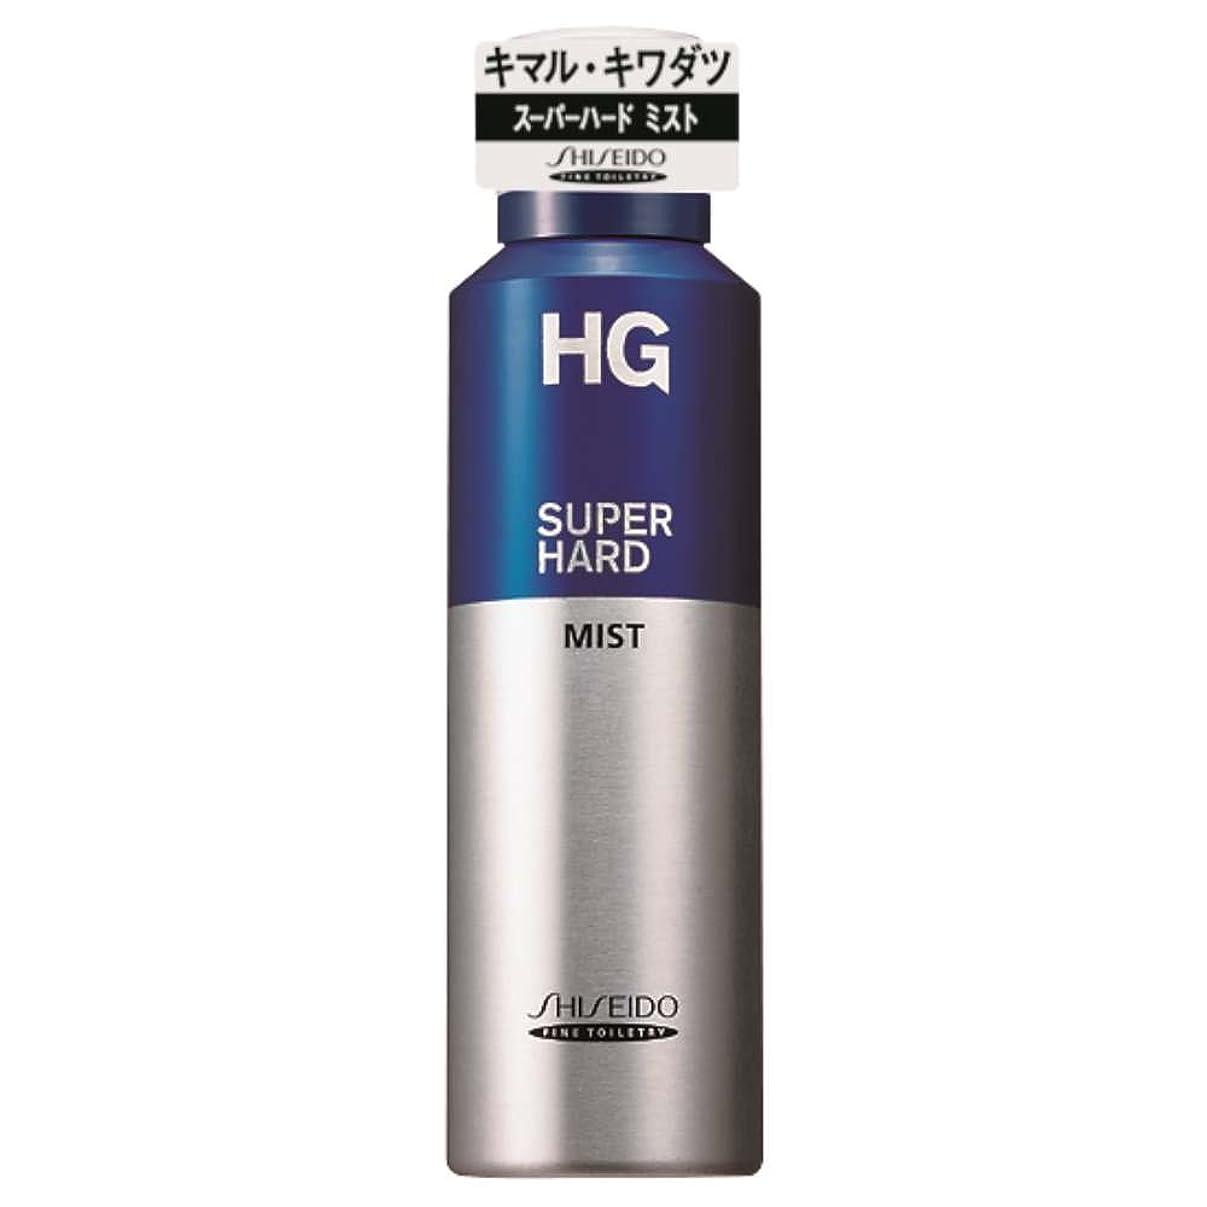 ナンセンス消費ファウルHG スーパーハードミストa 【HTRC3】